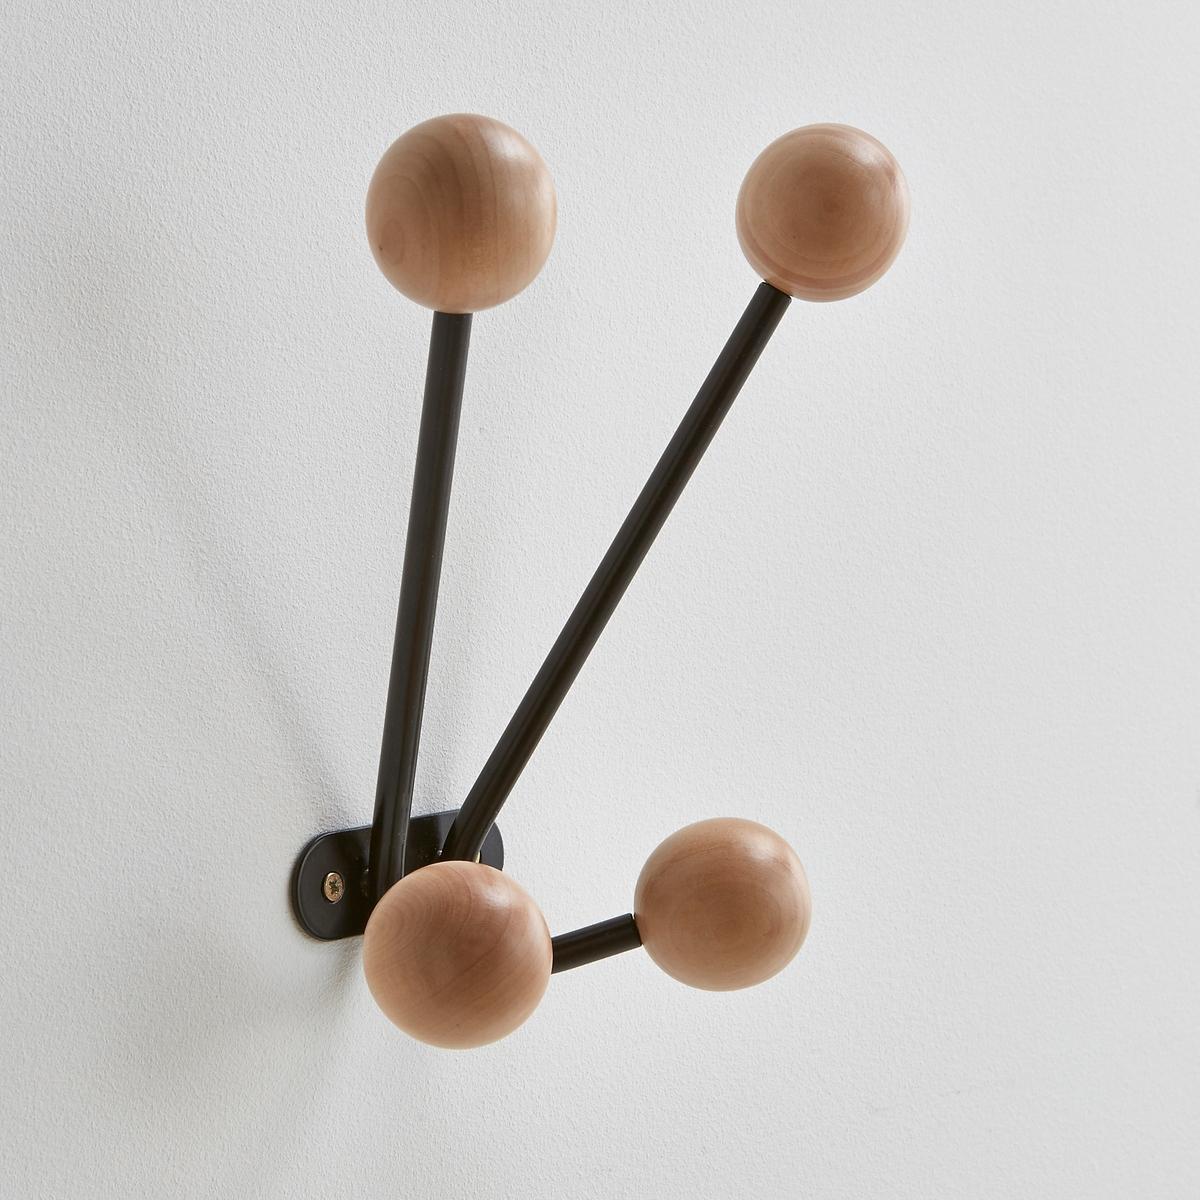 Вешалка La Redoute Настенная с крючками AGAMA единый размер черный вешалка настенная зми ажур с 4 крючками цвет медный 48 х 8 х 21 см